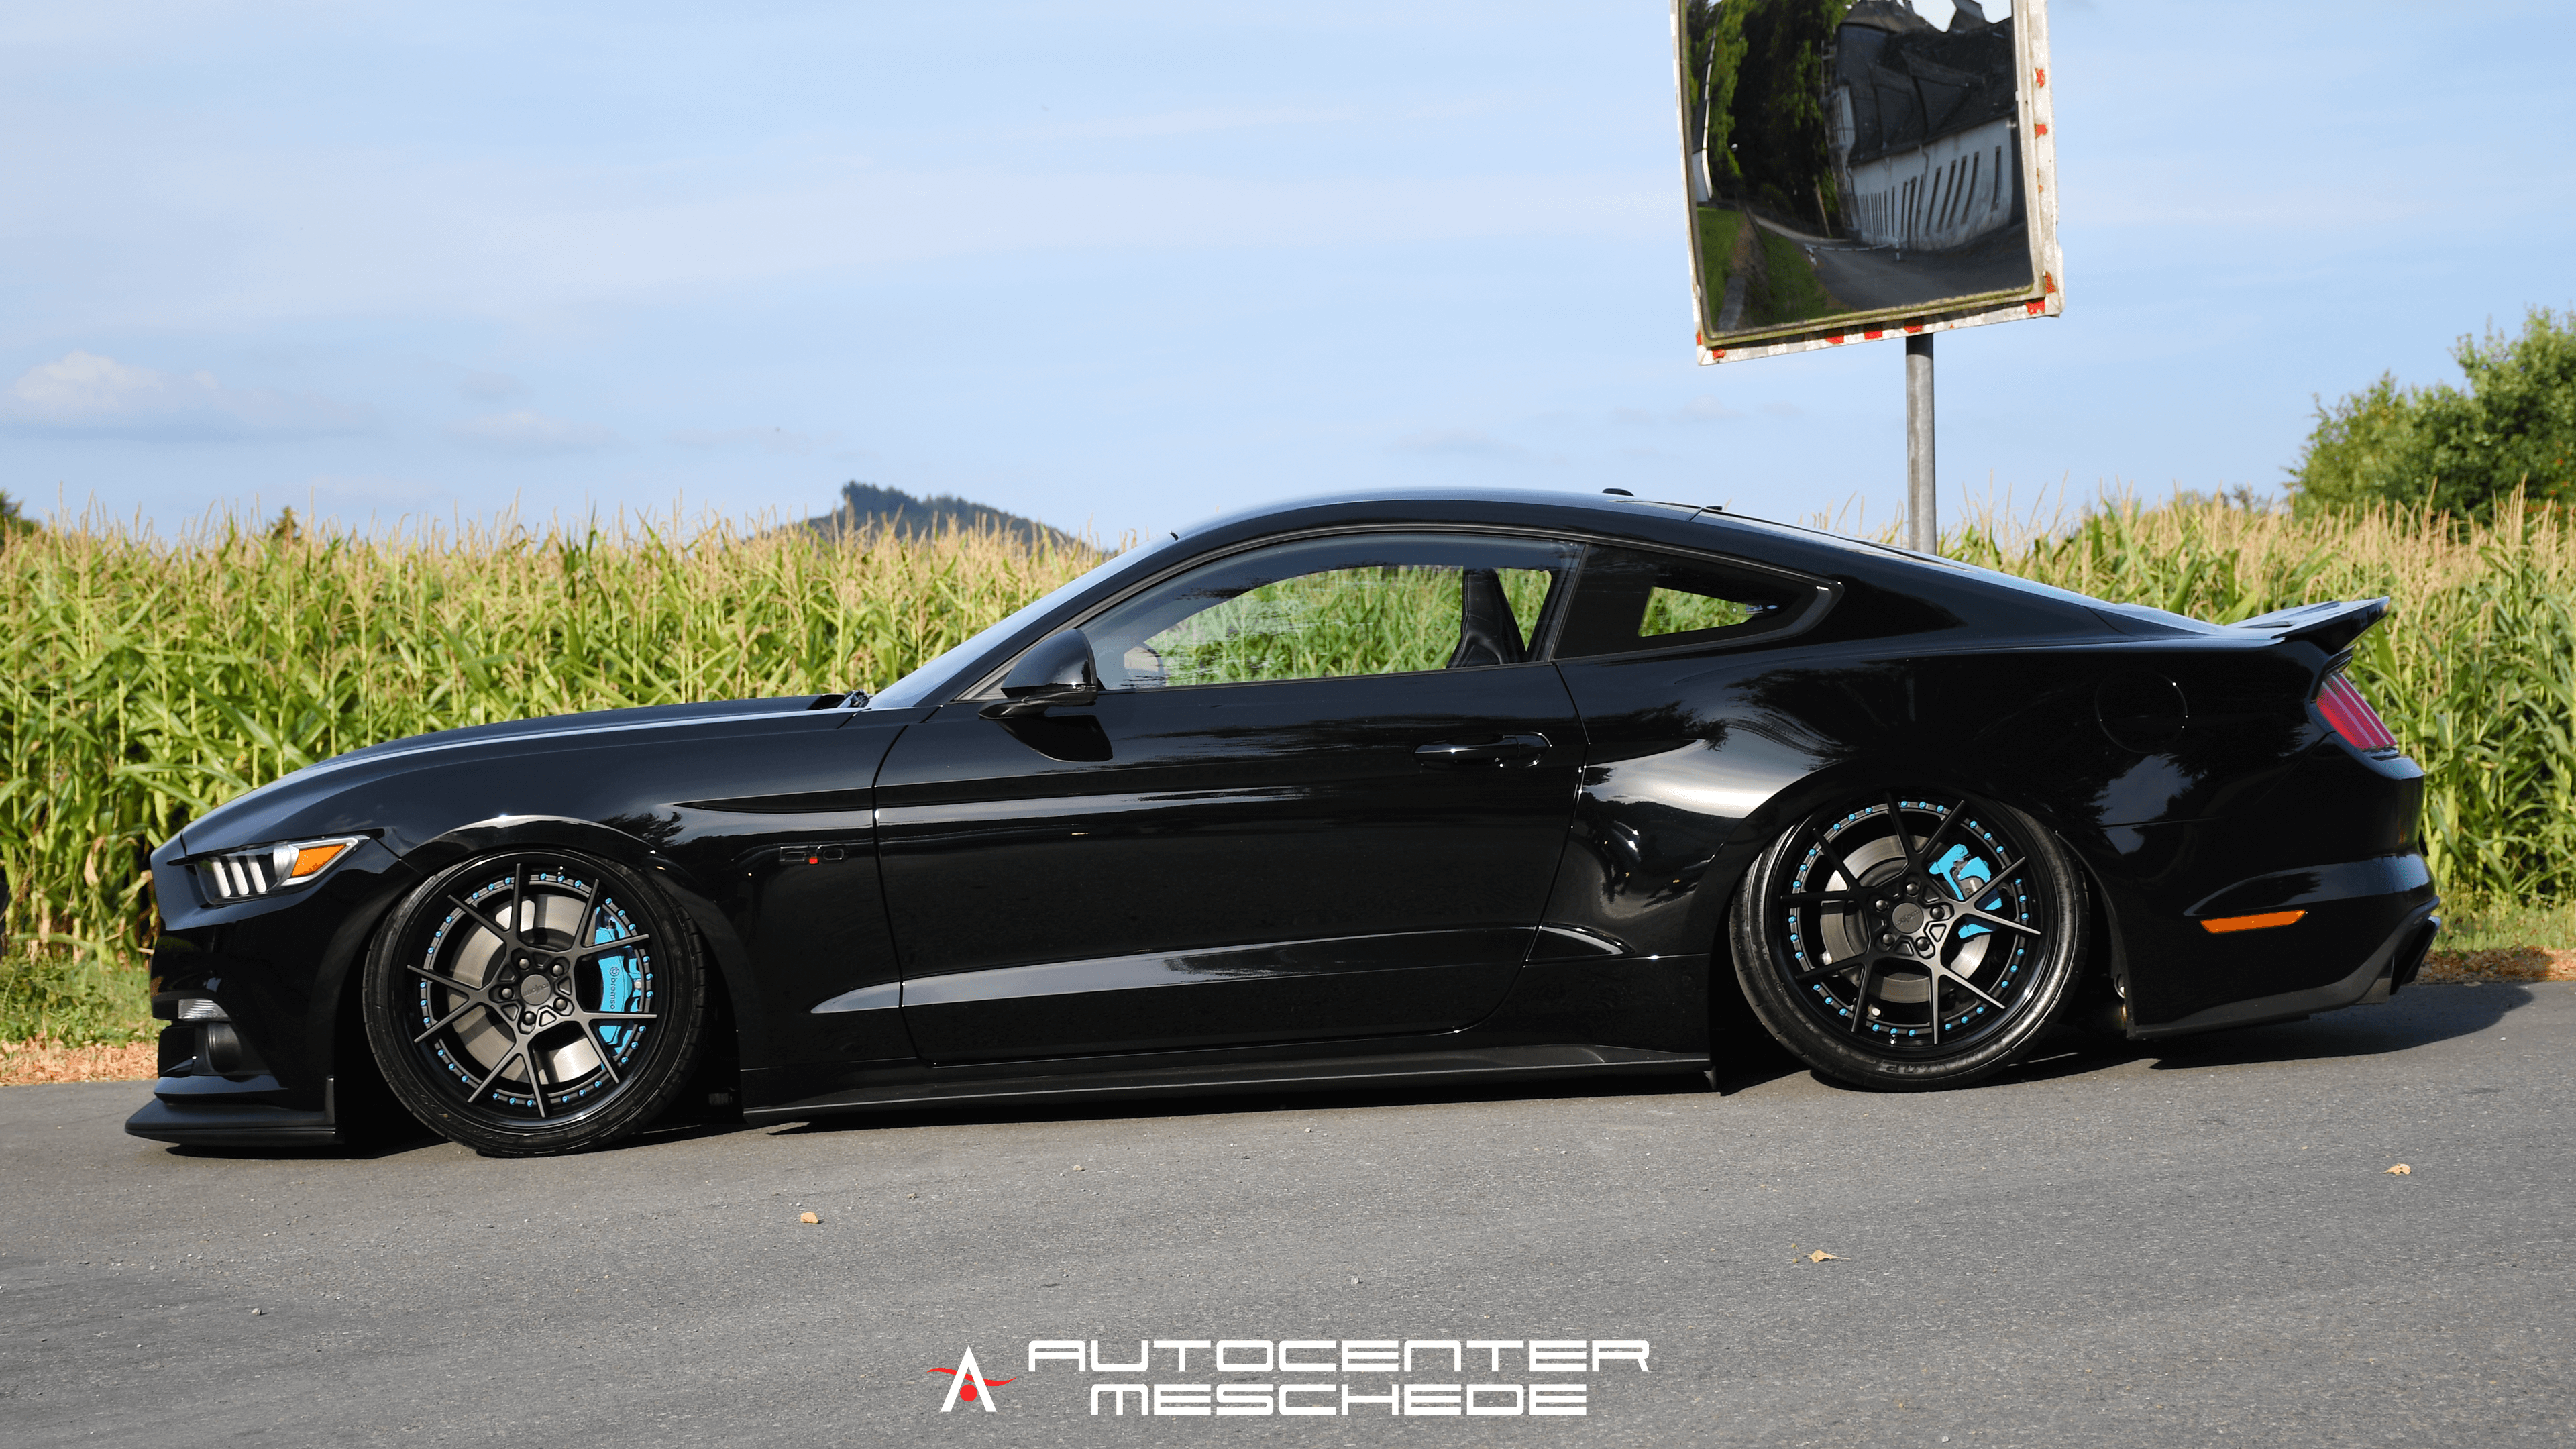 Wallpaper Mustang Gt Jp Performance Autocenter Meschede